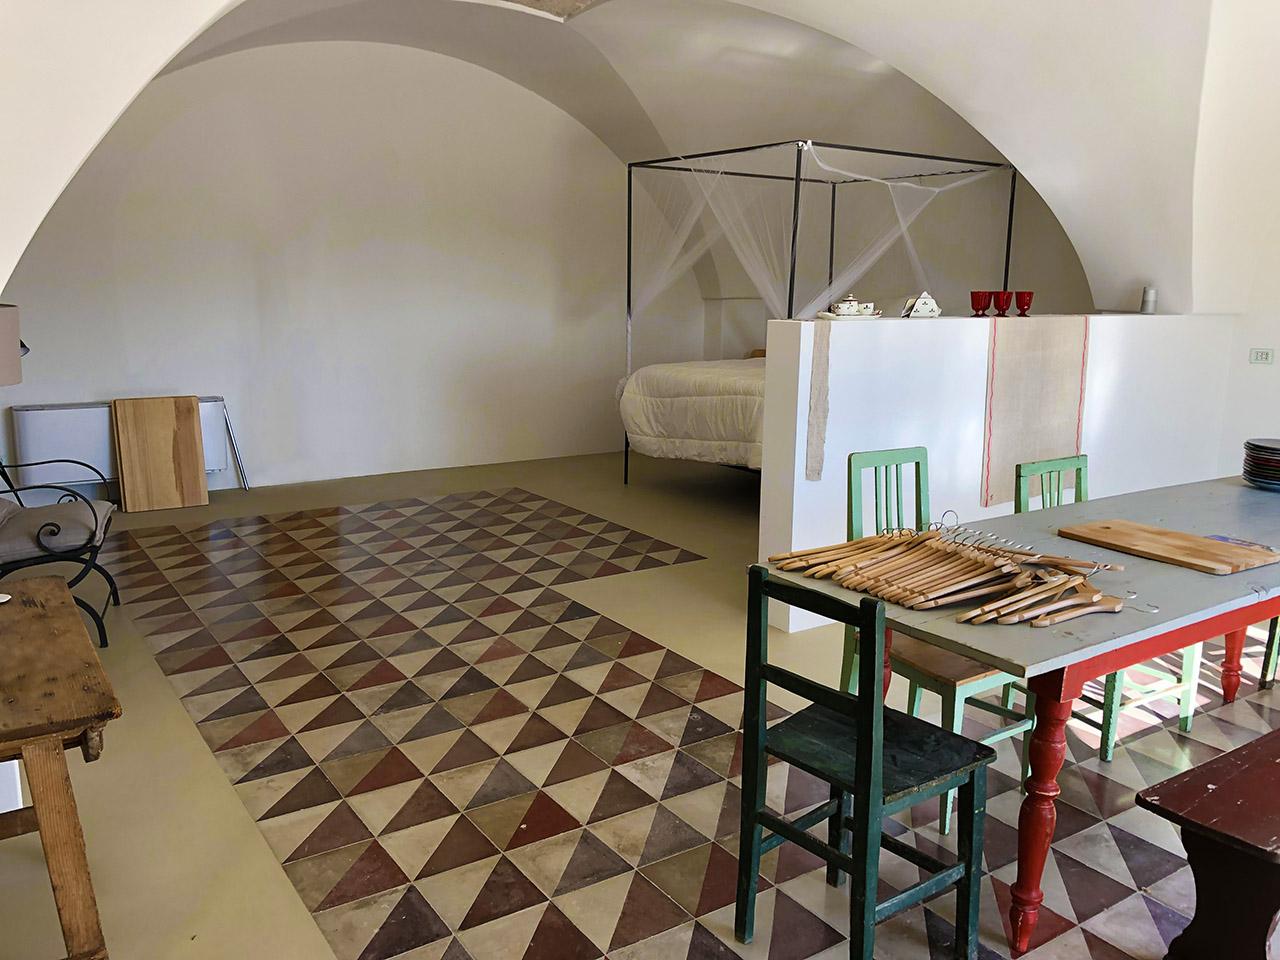 costruzioni restauri sirio ostuni residenza privata ristrutturazione minetta cisternino img 1642